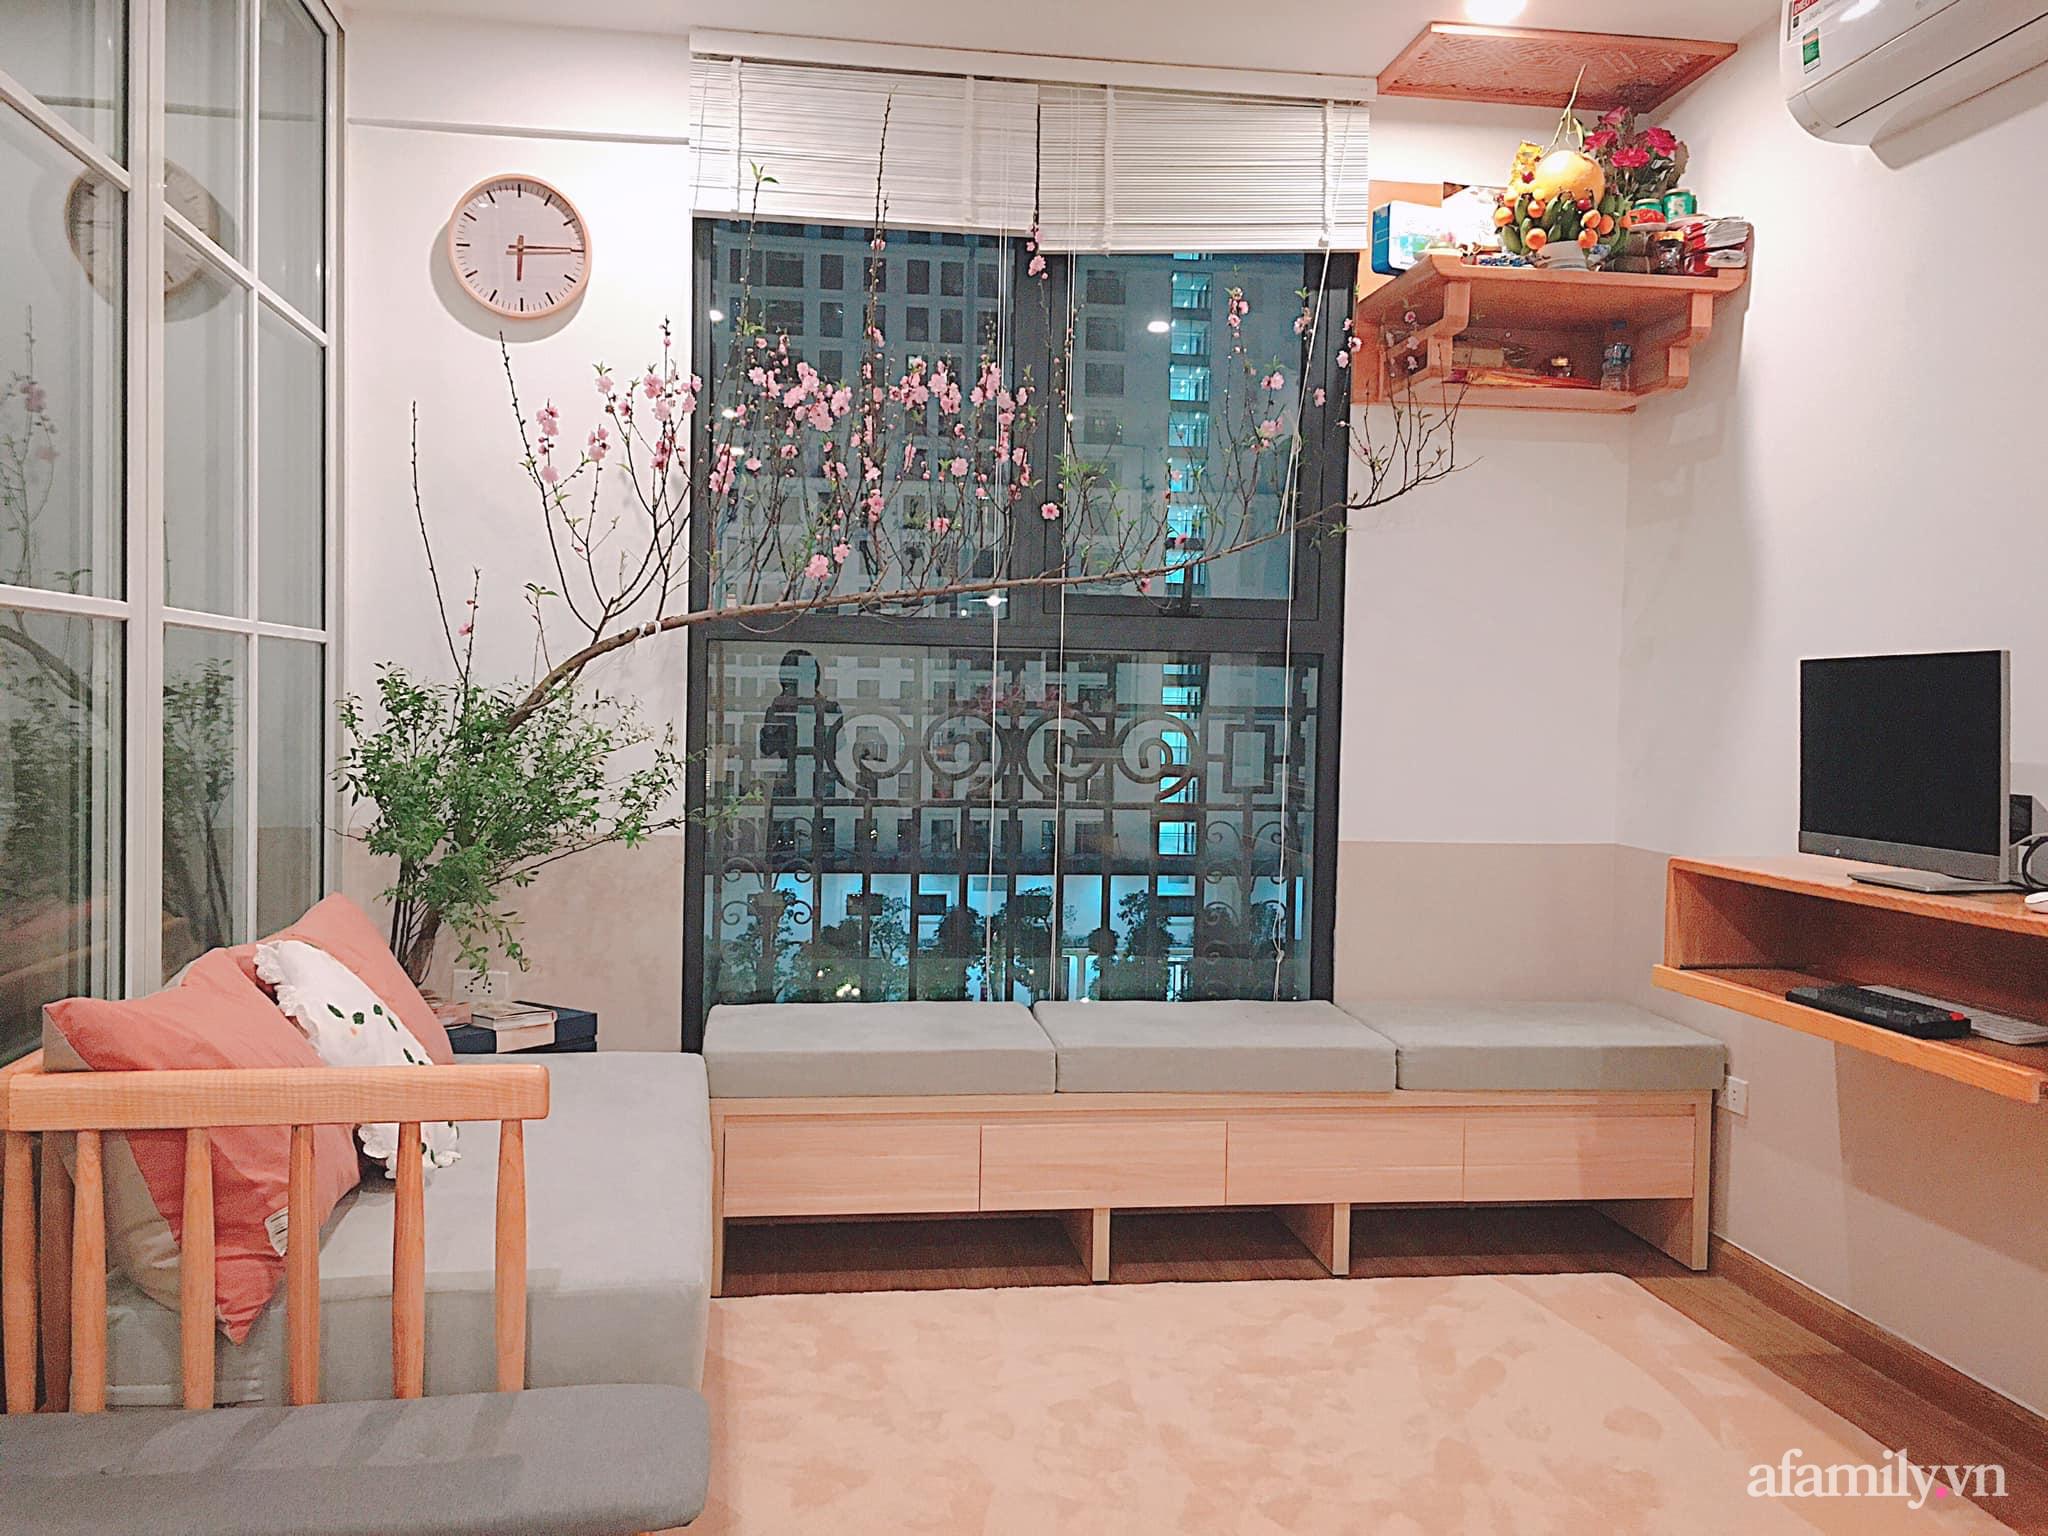 Căn hộ 78m² đẹp tinh tế và tiện dụng với phong cách tối giản của cặp vợ chồng trẻ ở Hà Nội - Ảnh 3.